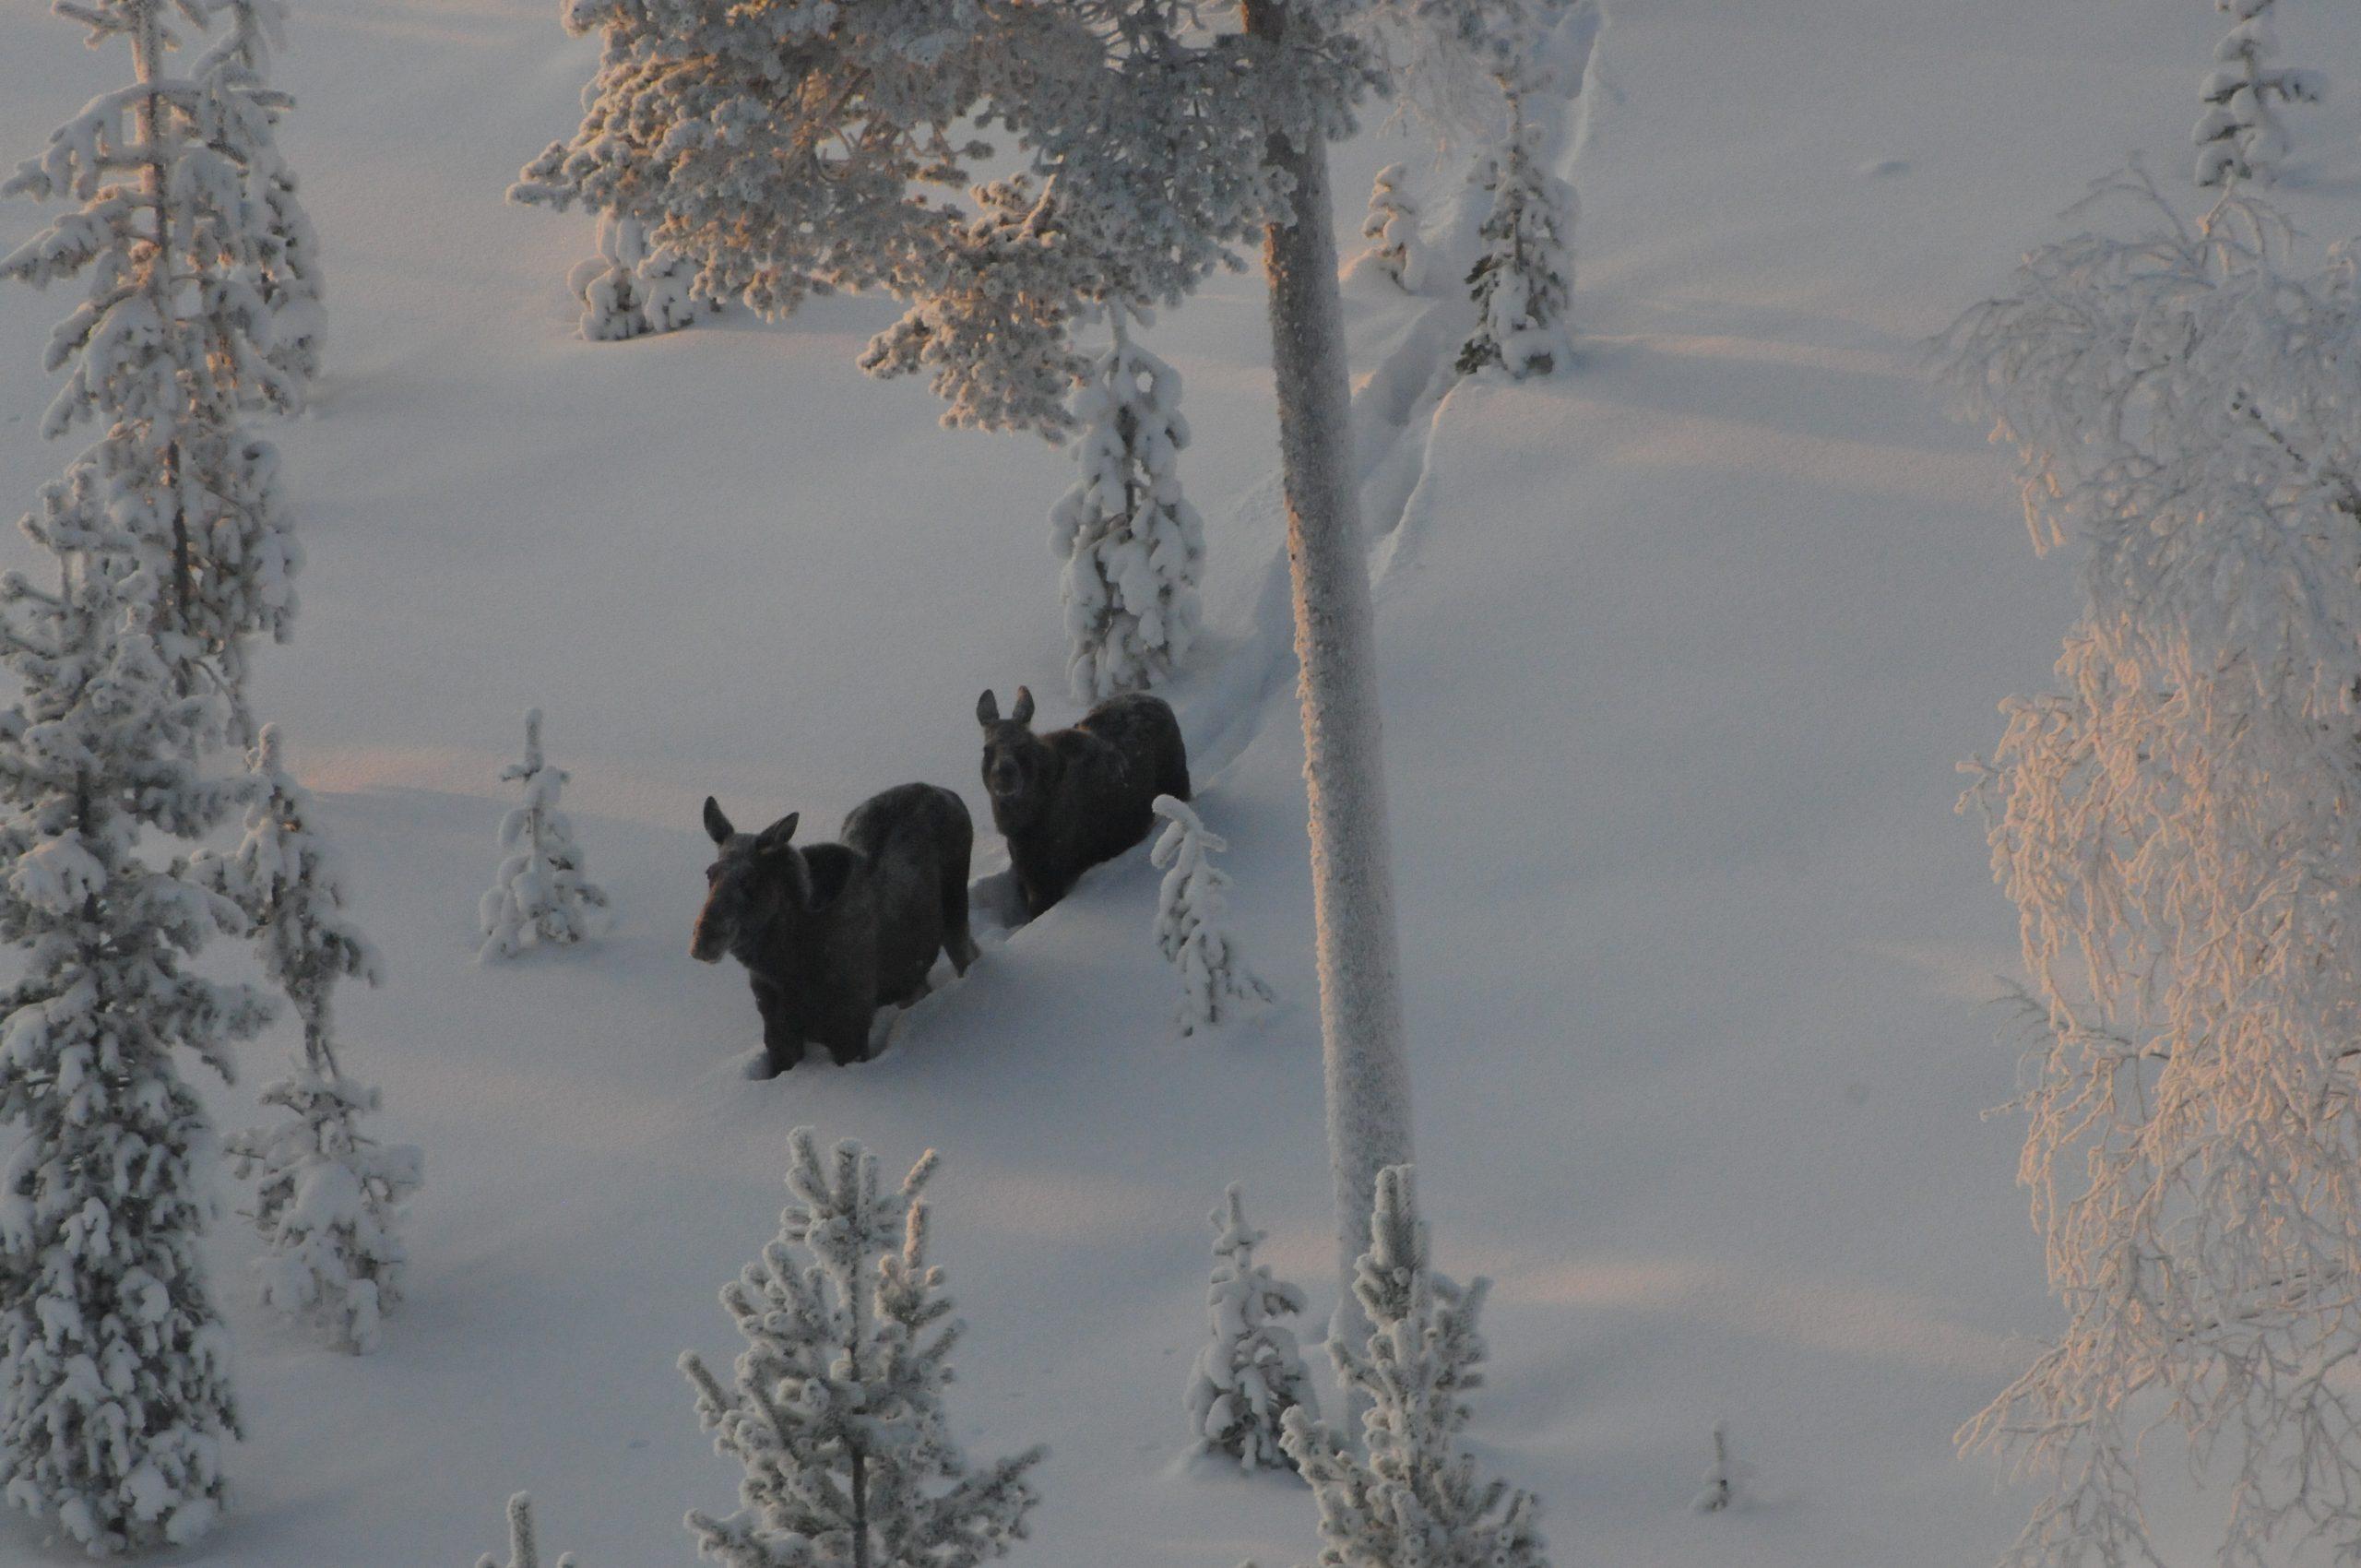 Kaksi hirveä kuvattuna yläilmoista. Kävelevat lumella.